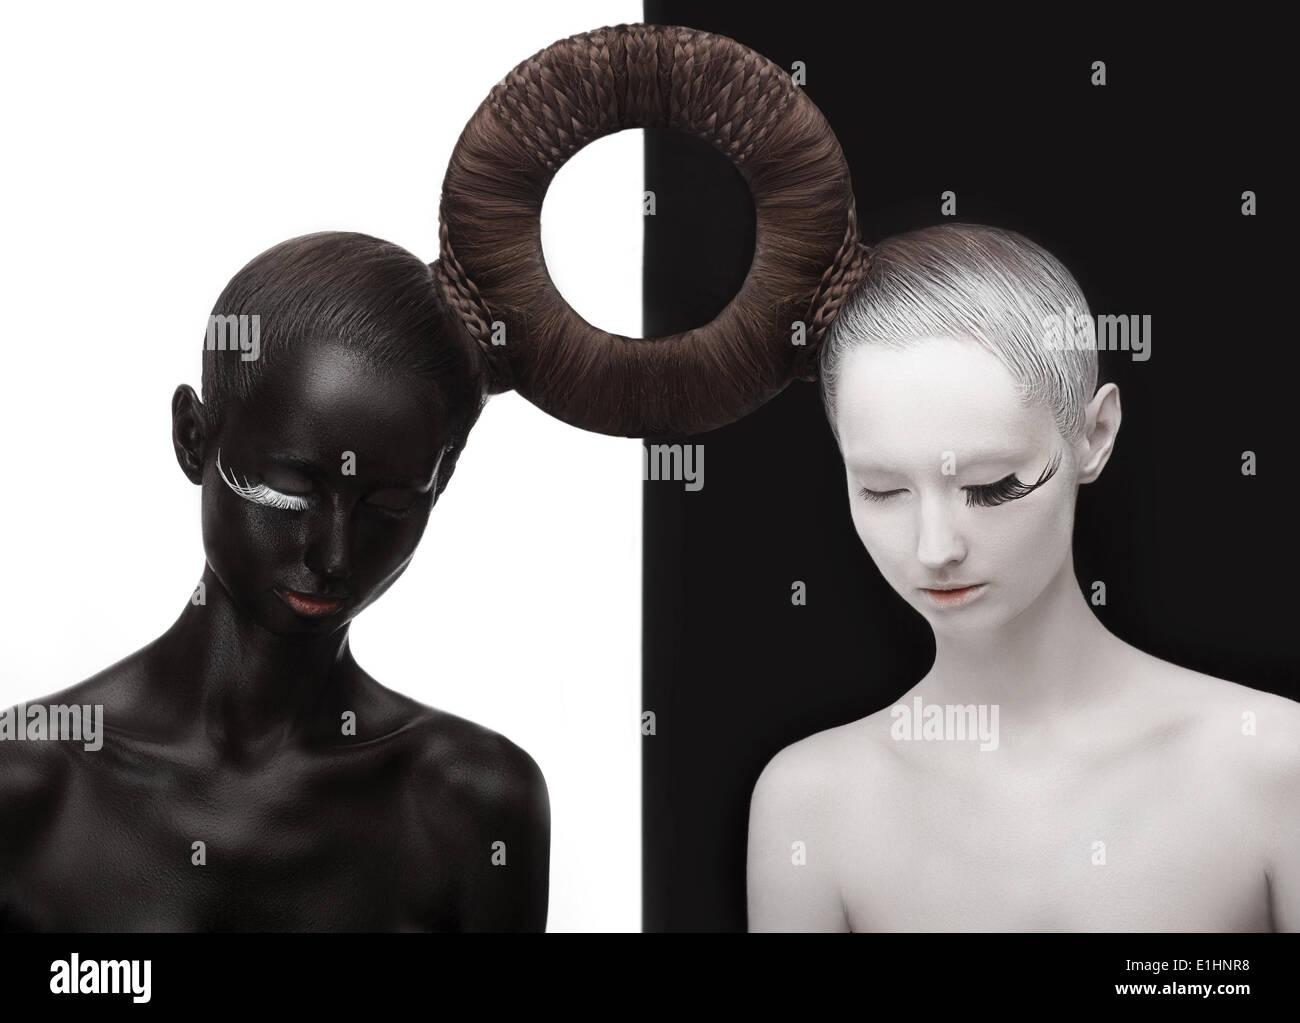 Le Zen. Yin et Yang. Silhouette de deux personnes. Symbole noir et blanc. Concept créatif Orient Photo Stock